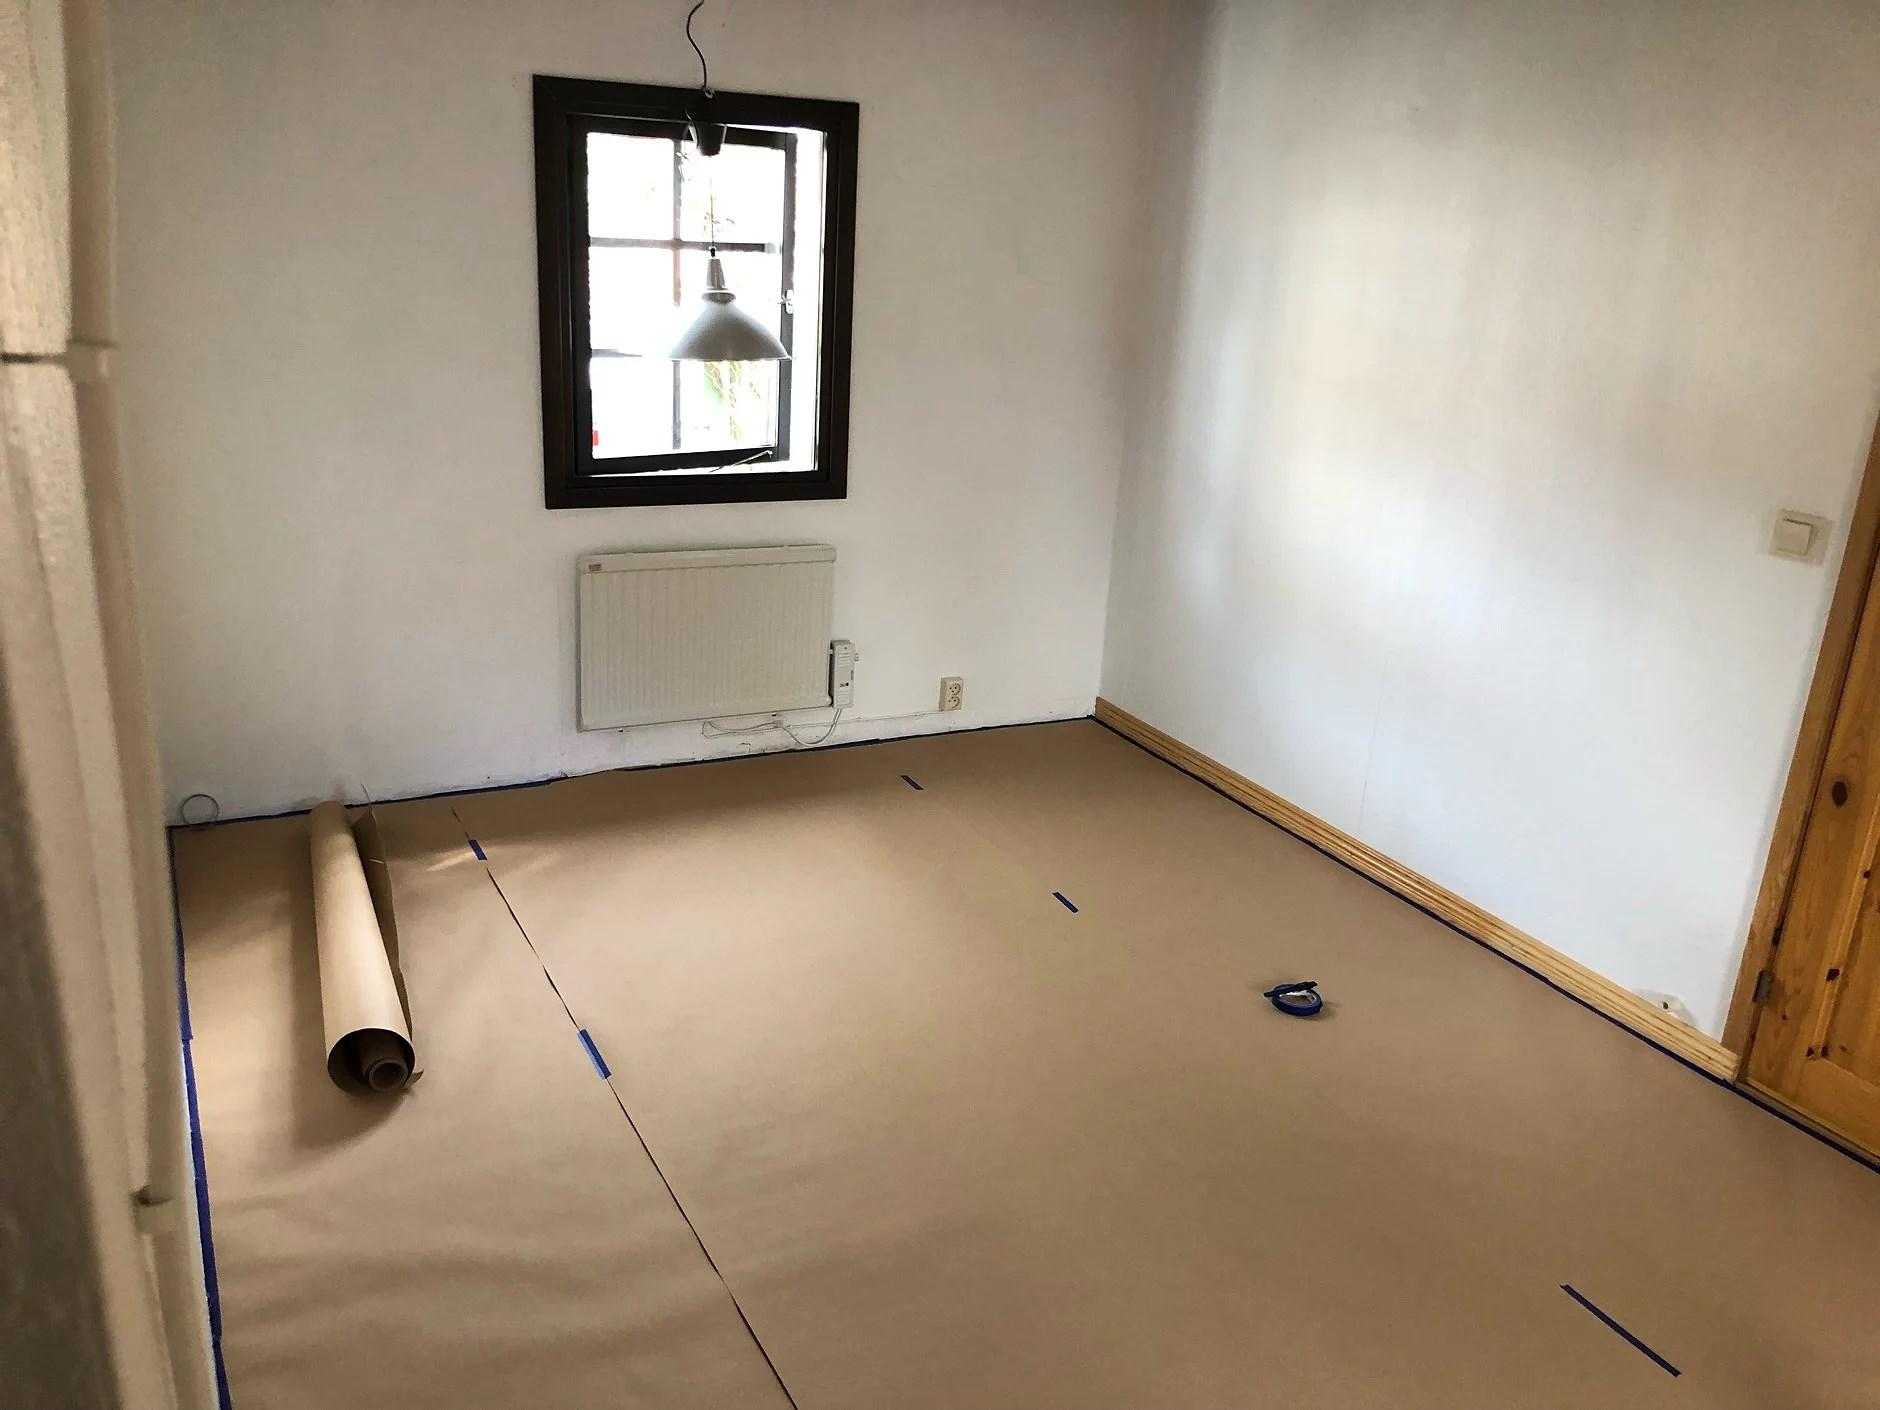 Vi har börjat renovera!